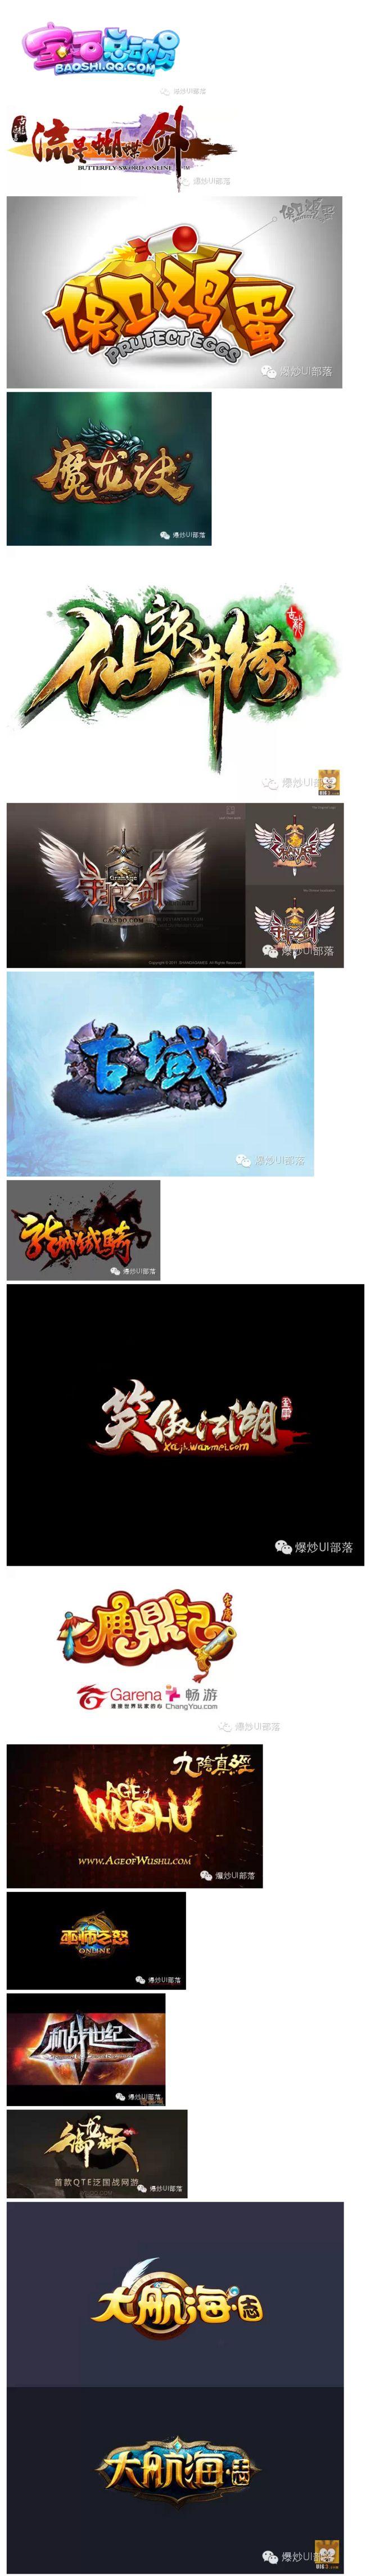 270款中文游戏logo赏析(2)一定有...